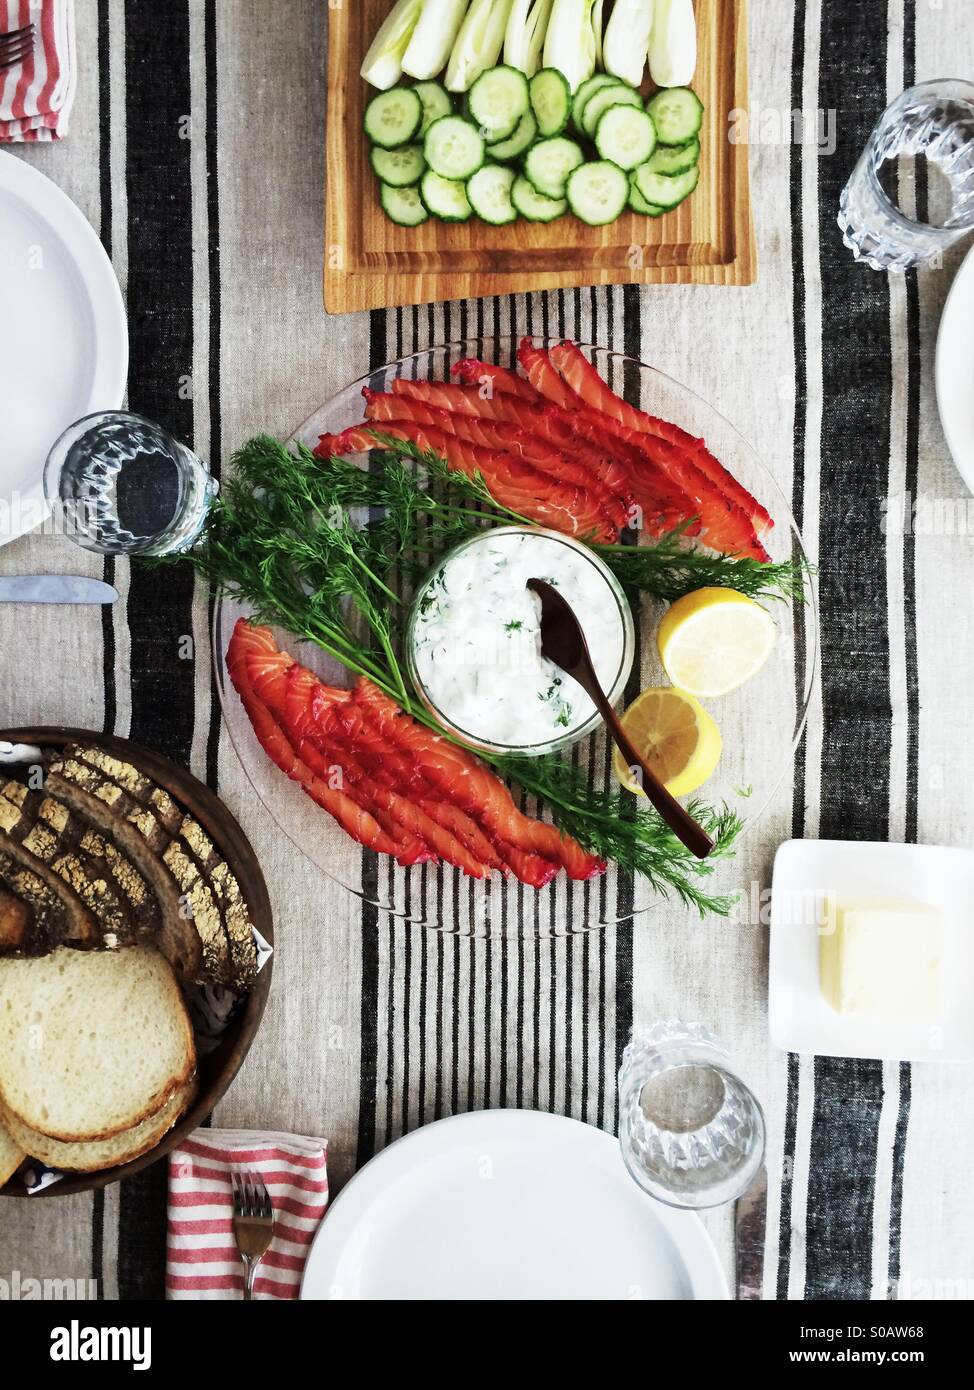 Skandinavische Mittagessen der zweifarbige Hause ausgehärteten Graved Lachs mit Gurken-Joghurt-Sauce, Brot Stockbild